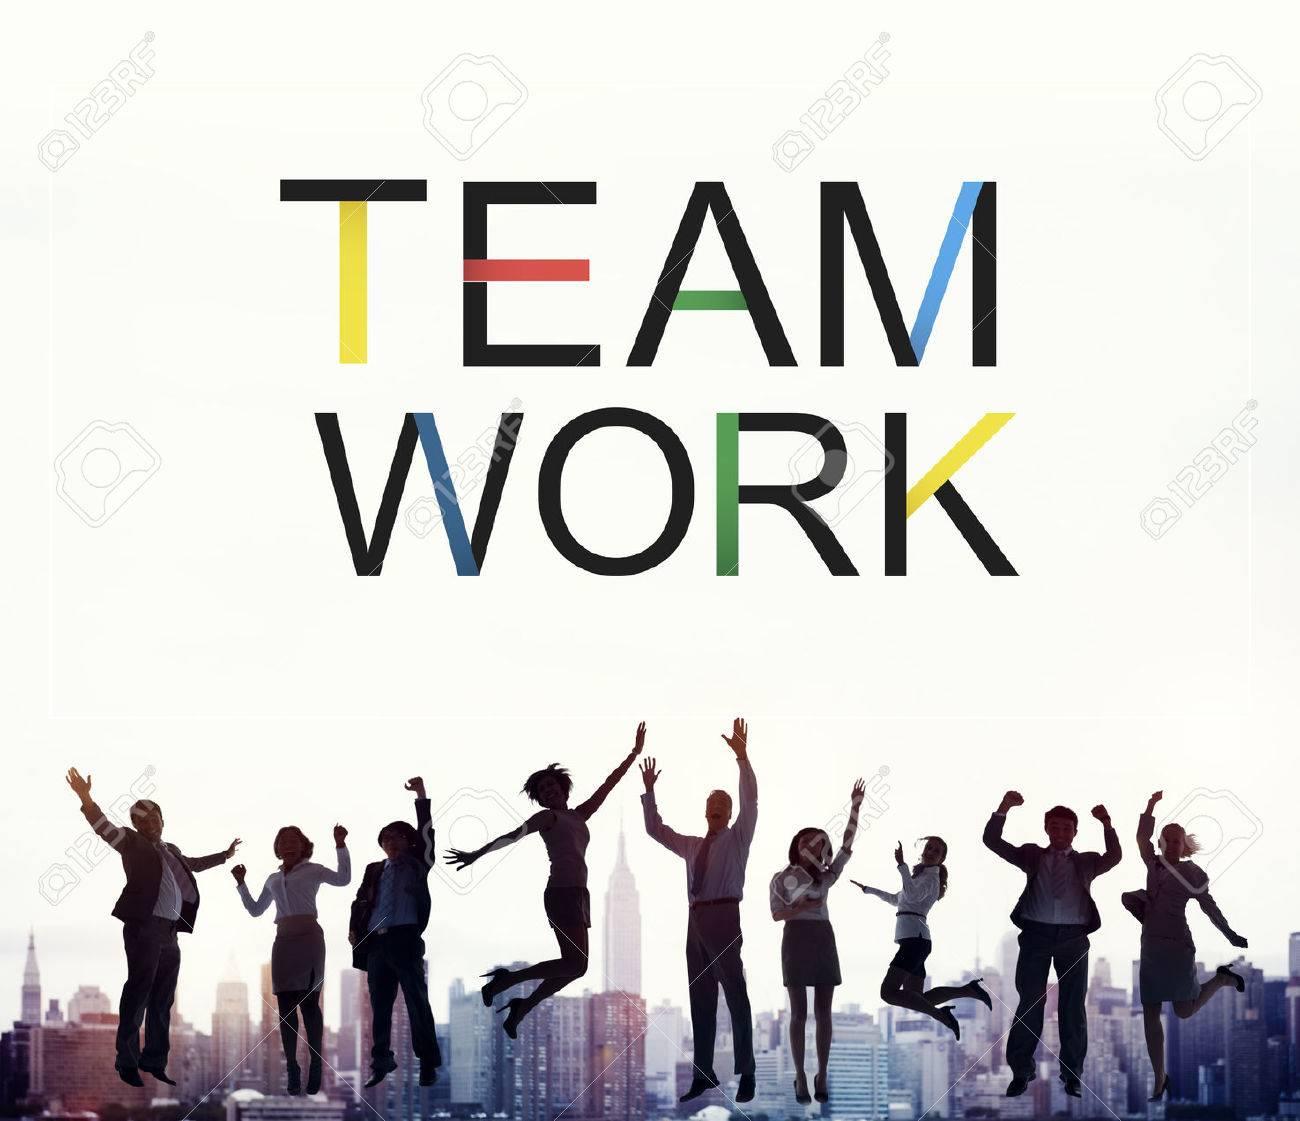 チームワーク チーム連合団結協力同盟概念 の写真素材・画像素材 Image ...